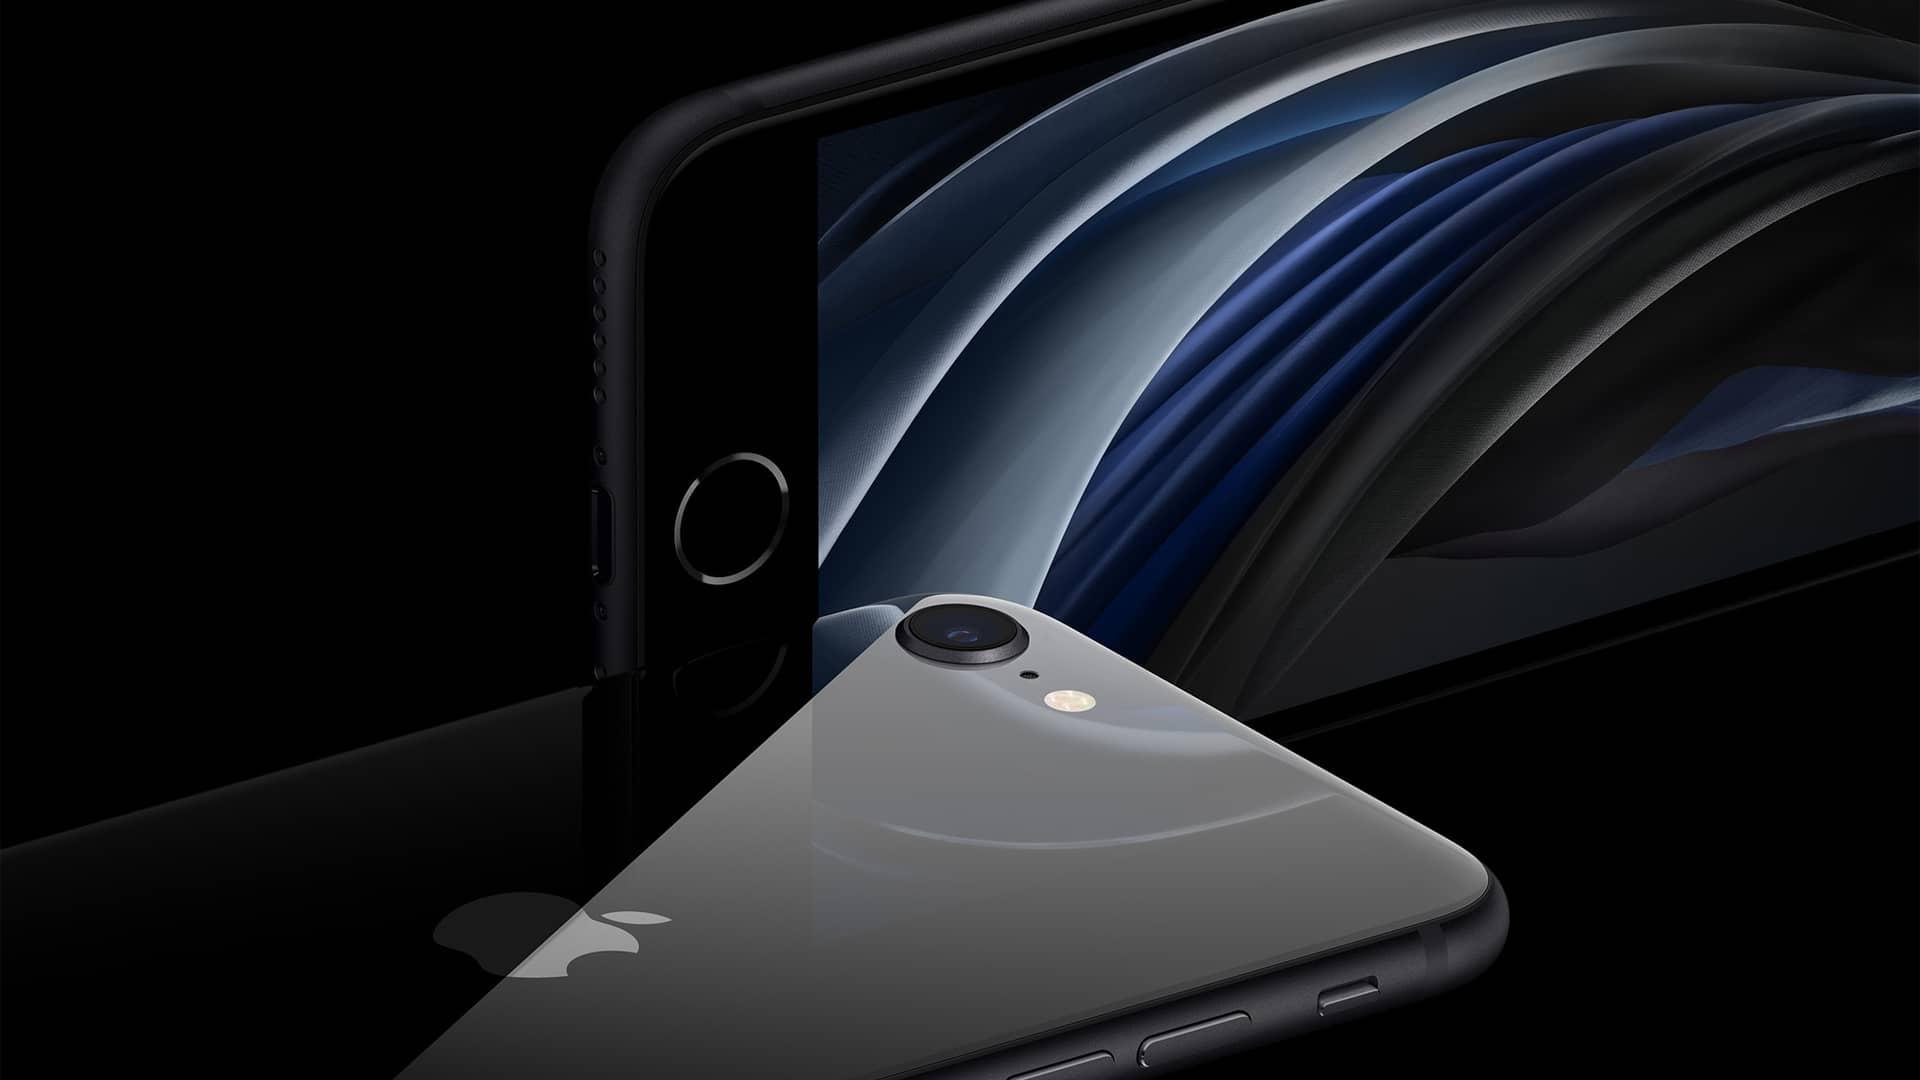 ¿Quieres comprar con Euskaltel un iPhone? ¡Consíguelo!